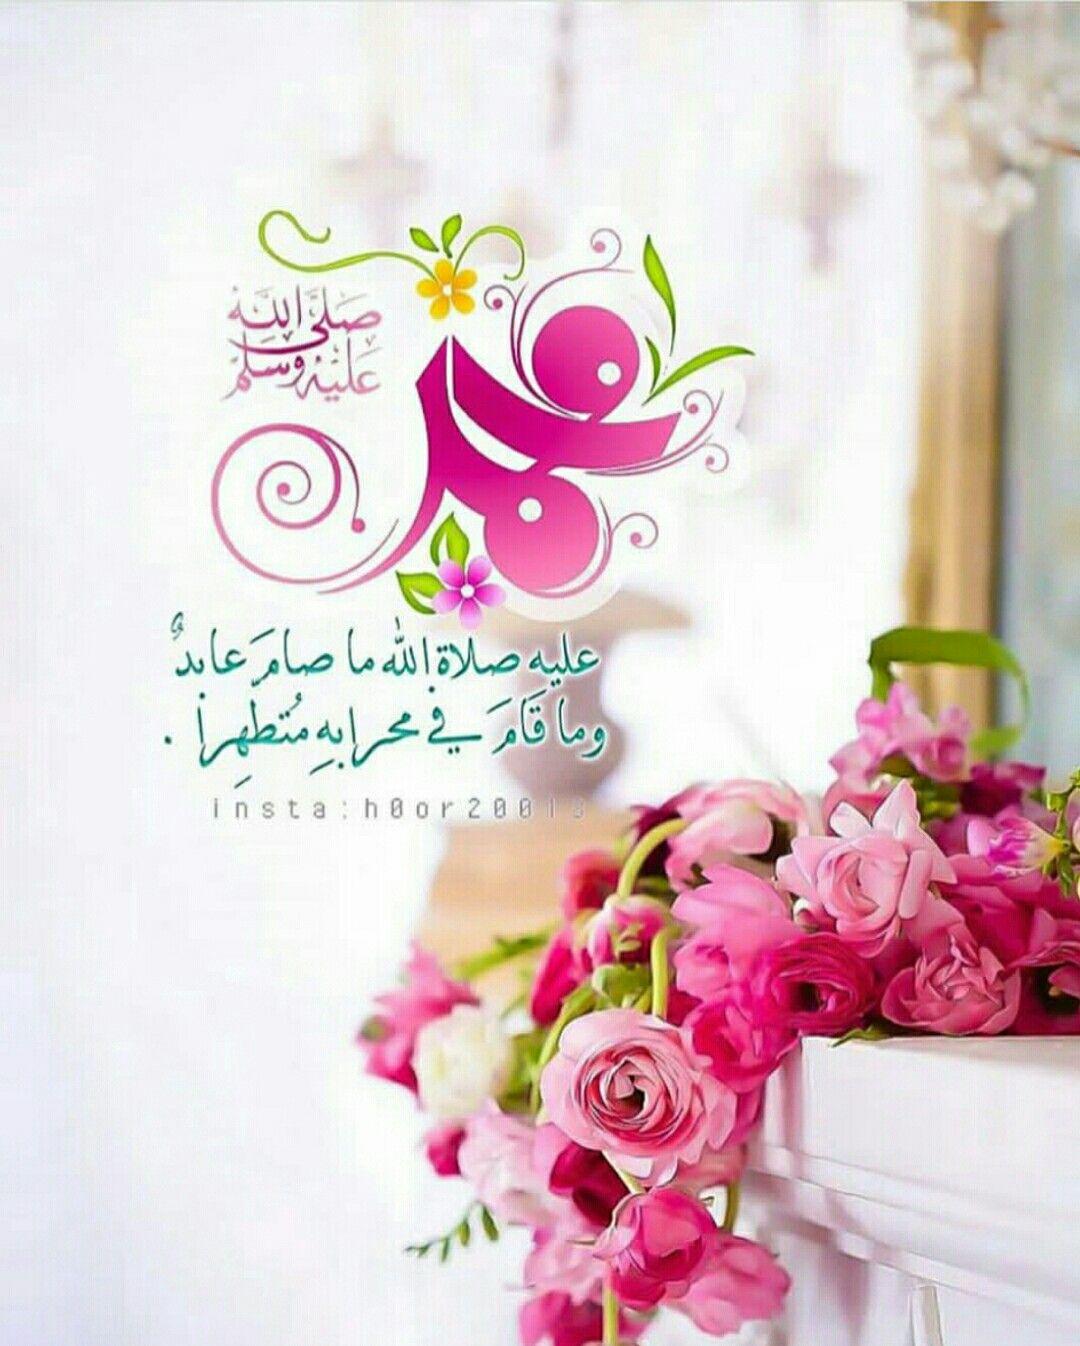 الصلاة على النبي صلى الله عليه وسلم Islamic Pictures Islamic Calligraphy Islam